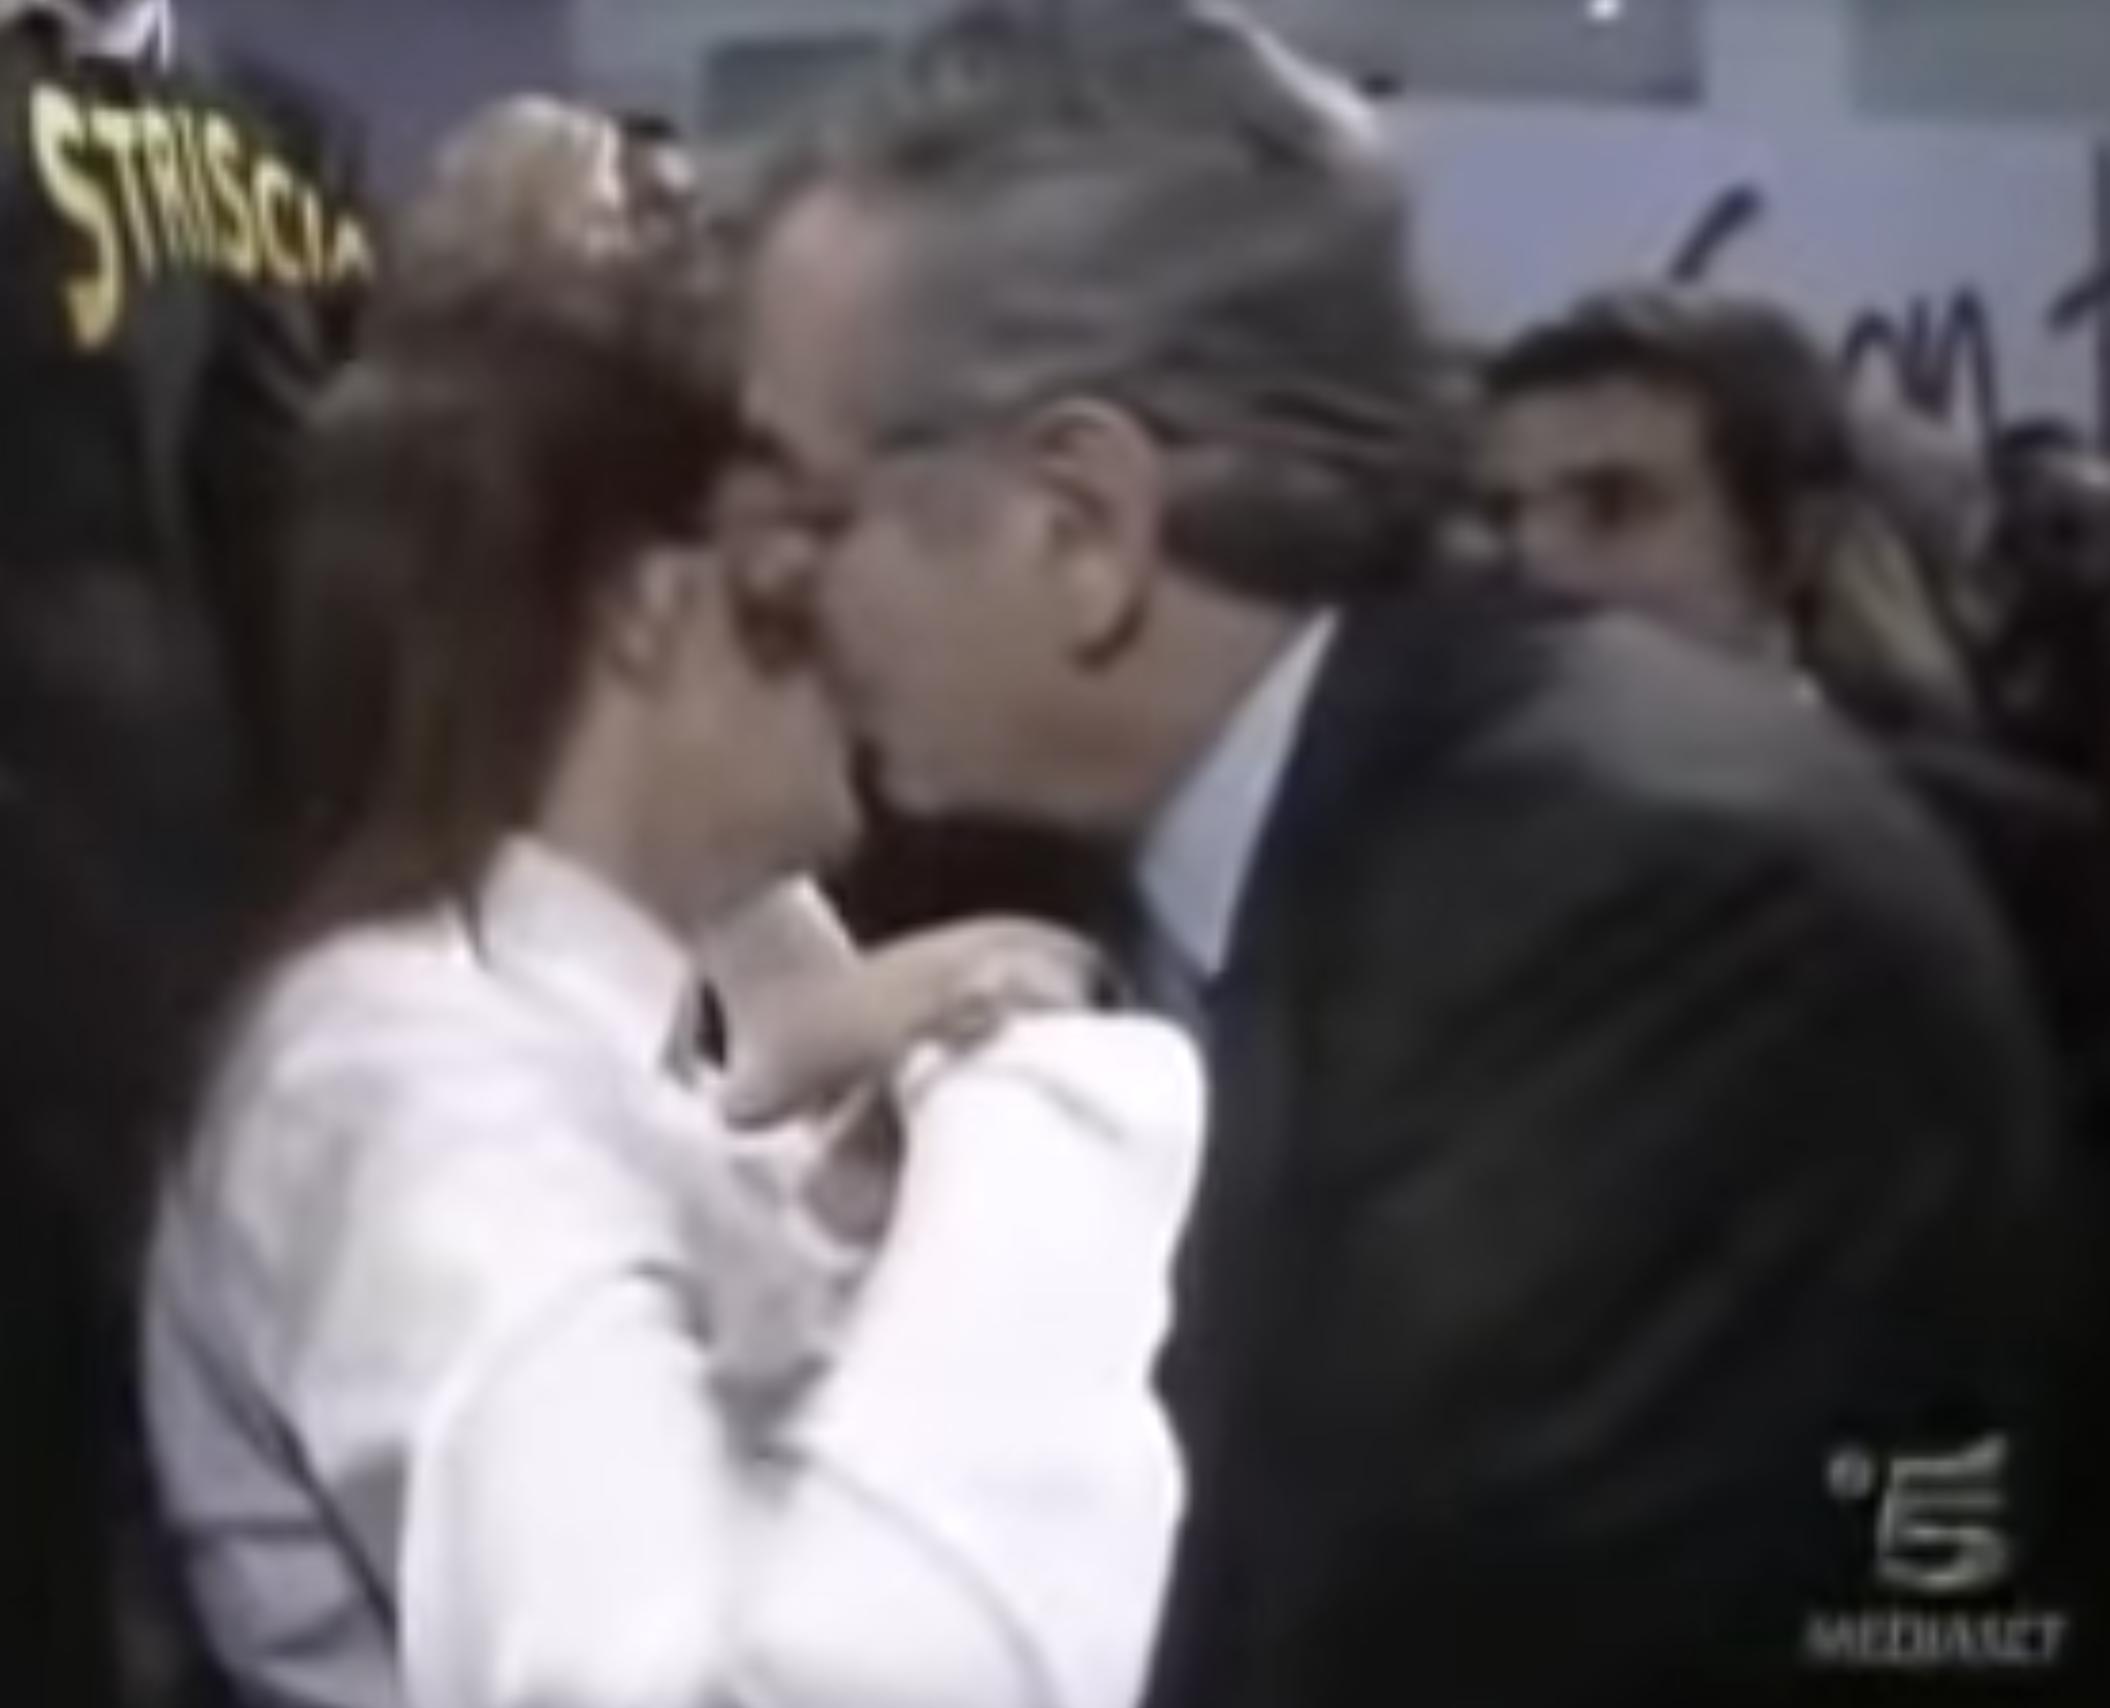 Renata Polverini e Vincenzo Zacchero in un frame del video per cui RTI dovrà risarcire l'ex sindaco per 50mila euro